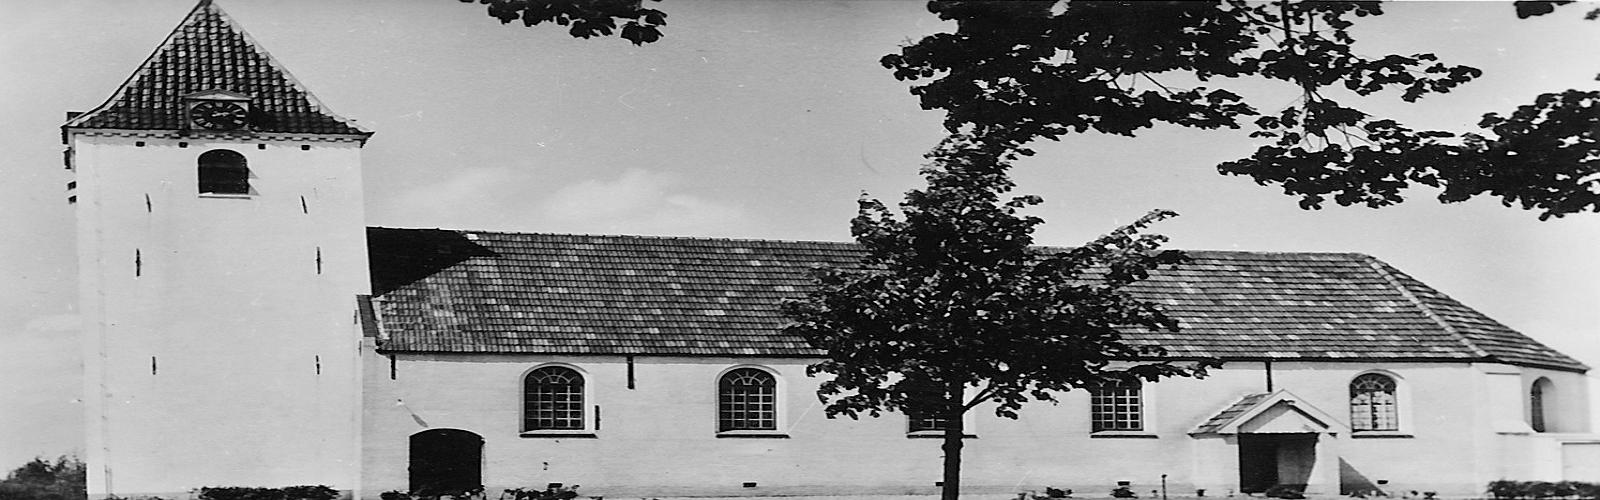 Kerkgebouw website 2